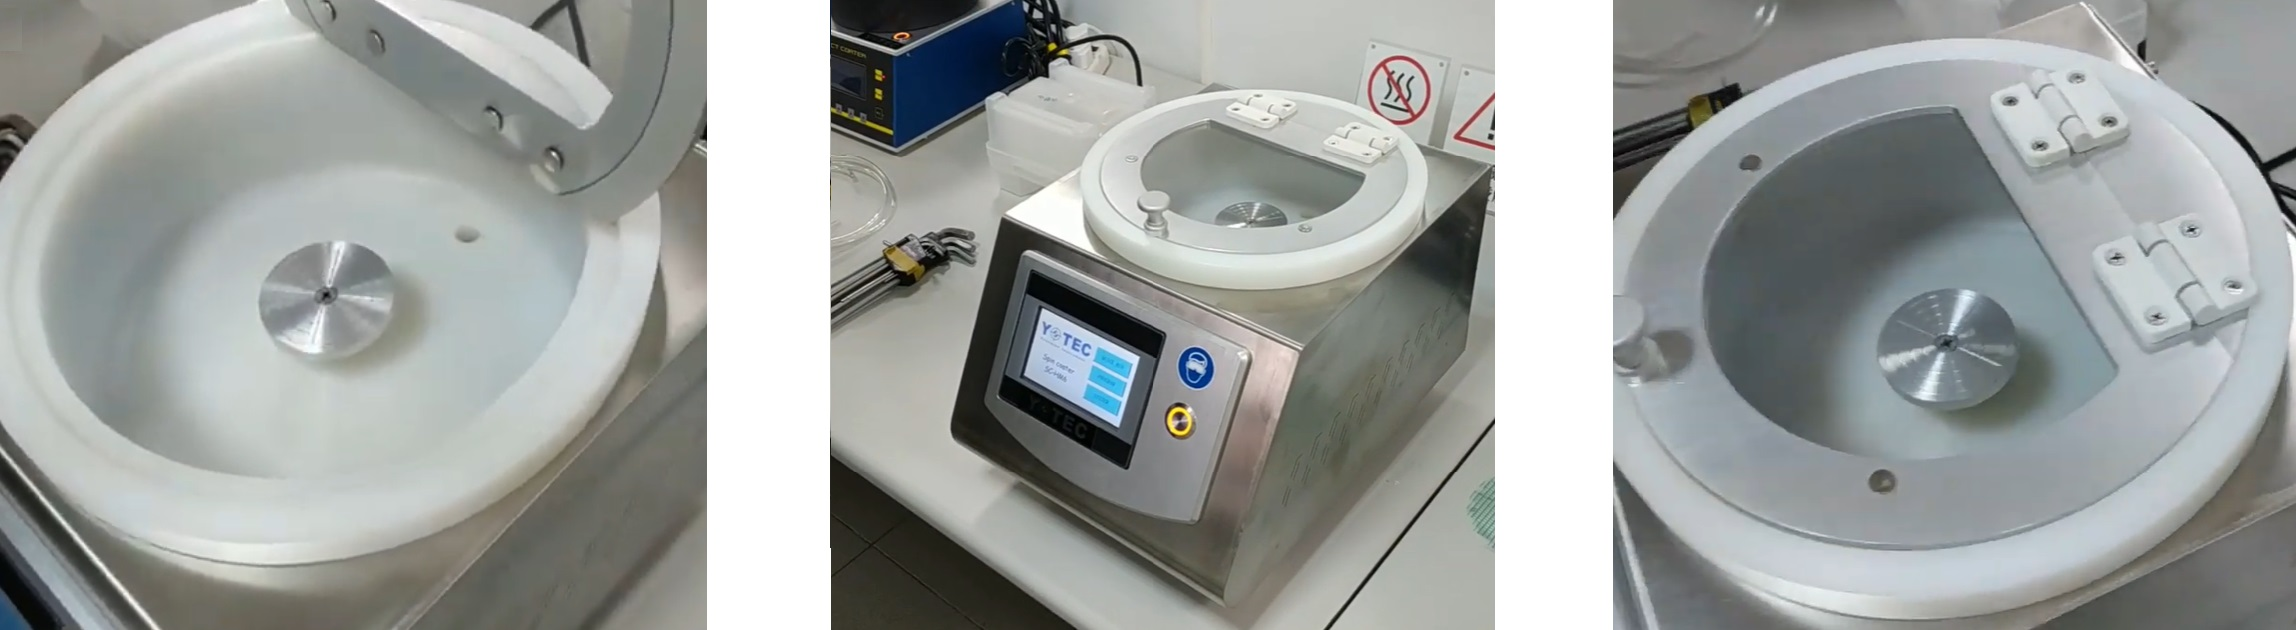 Центрифуга для нанесения фоторезиста asc 100 с дисплеем